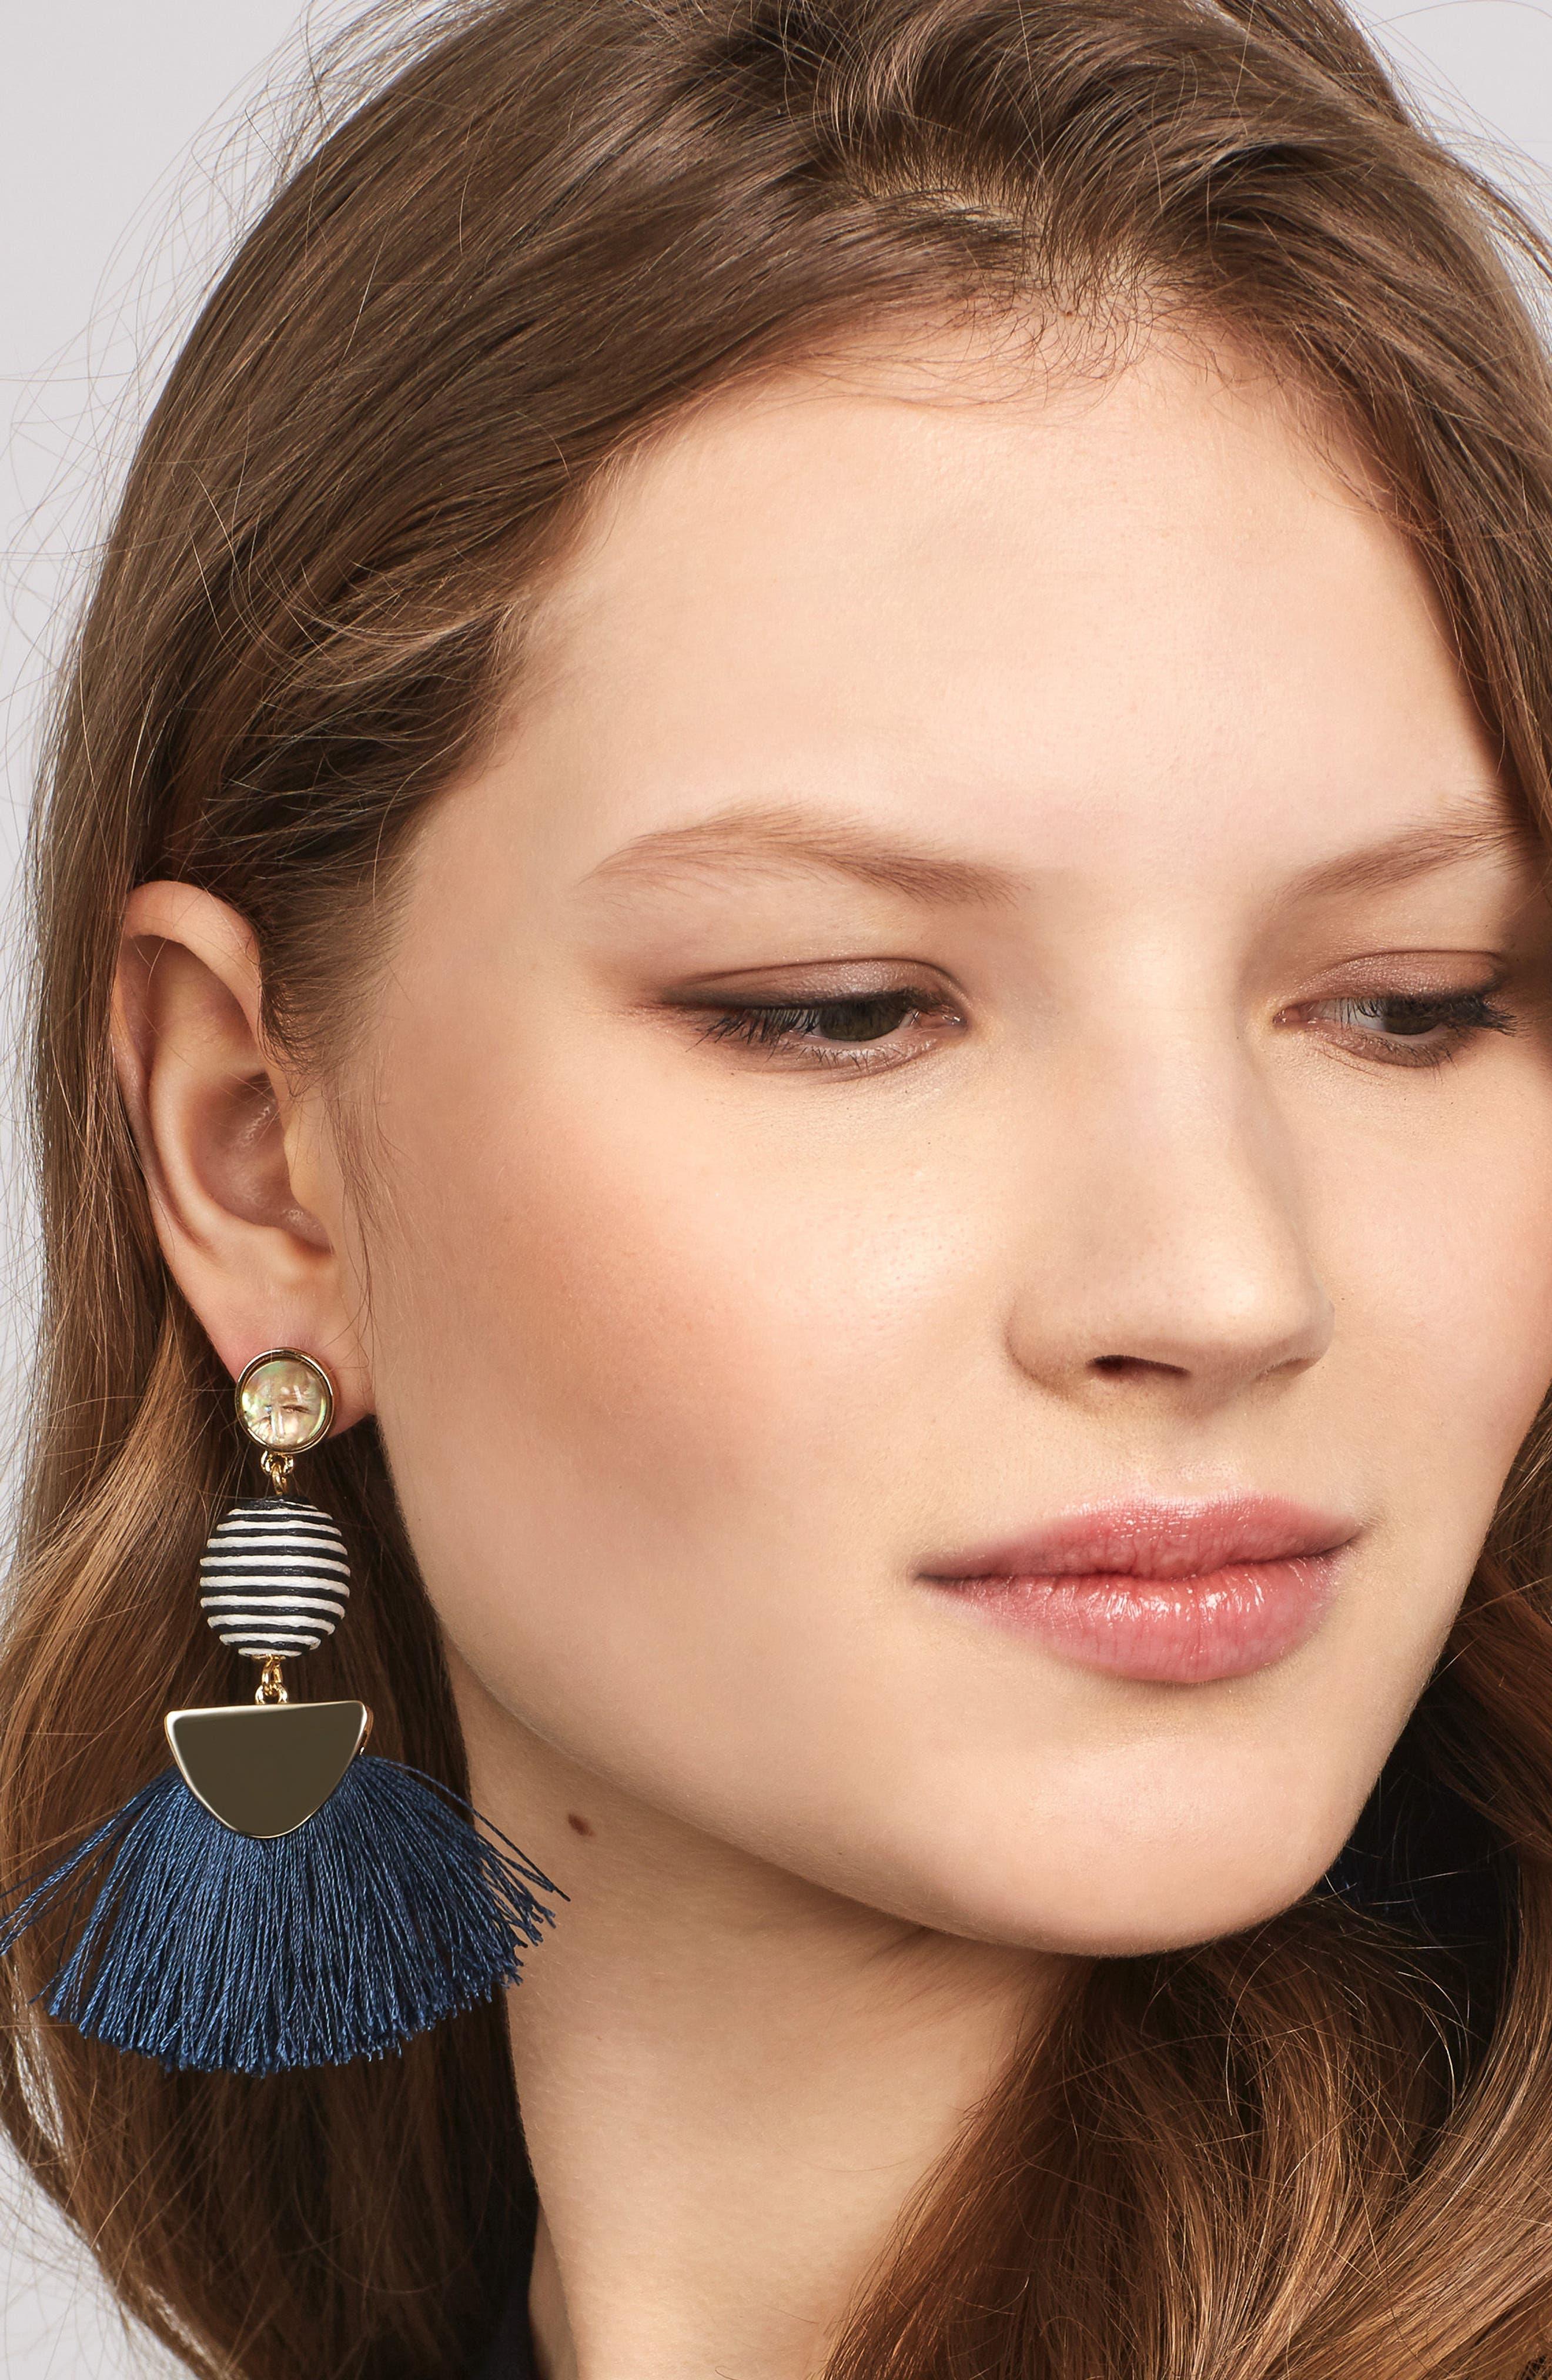 Mamba Fringe Earrings,                             Alternate thumbnail 2, color,                             410